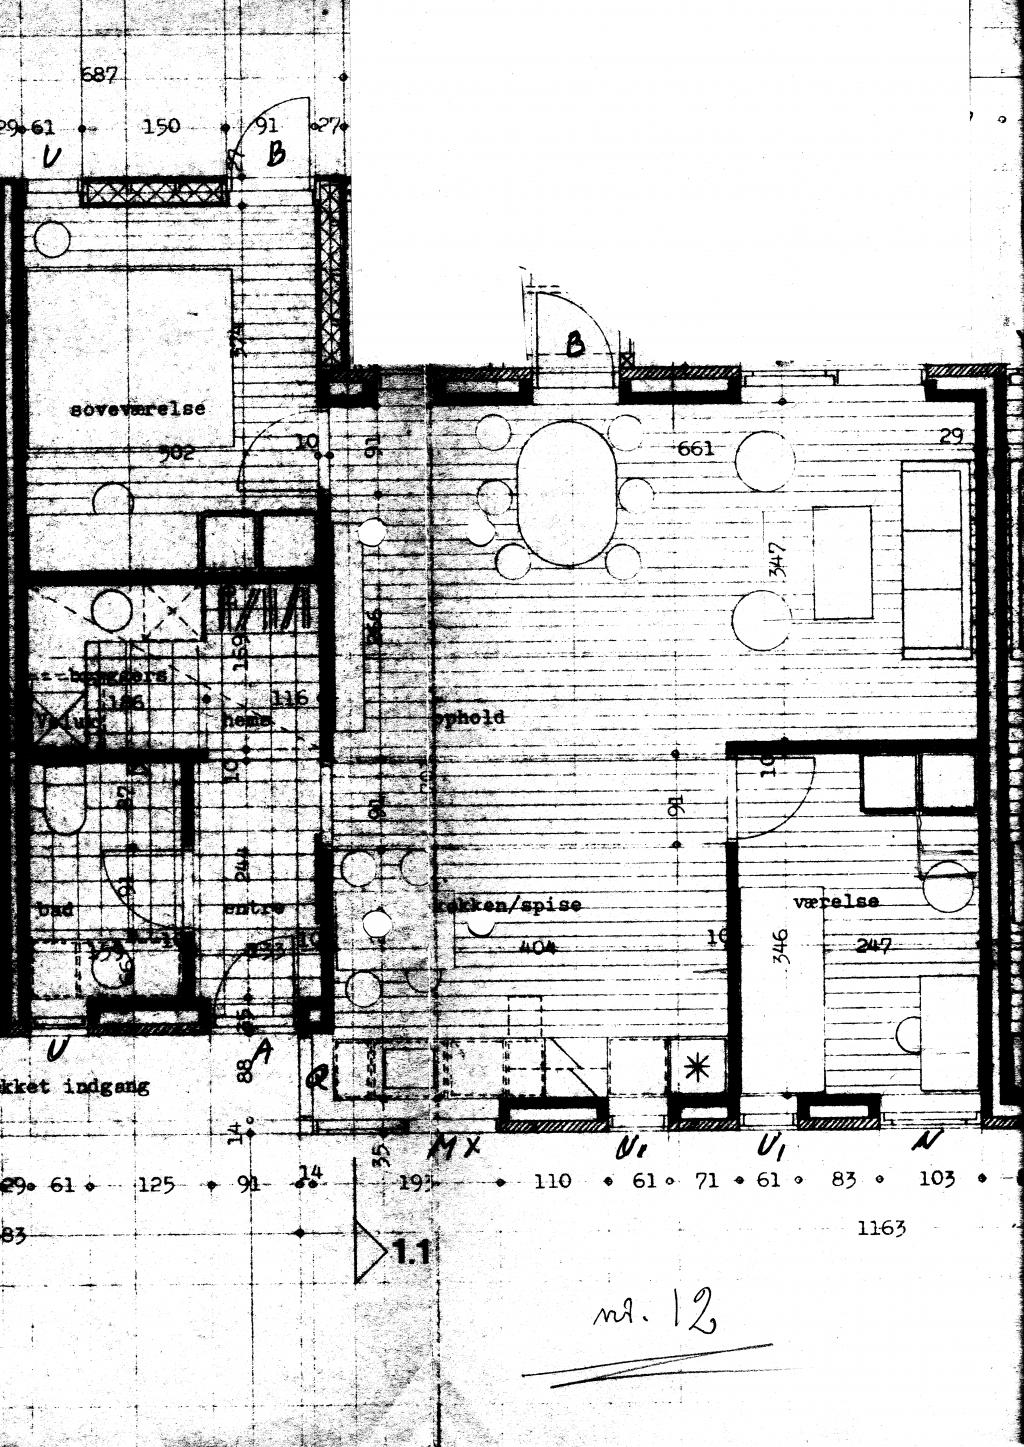 80 m2 bolig til salg i  Bofællesskabet Agerland - Plantegning__Agerland_nr_12_351fe26ed736a4aa9f1865ef19a695d8